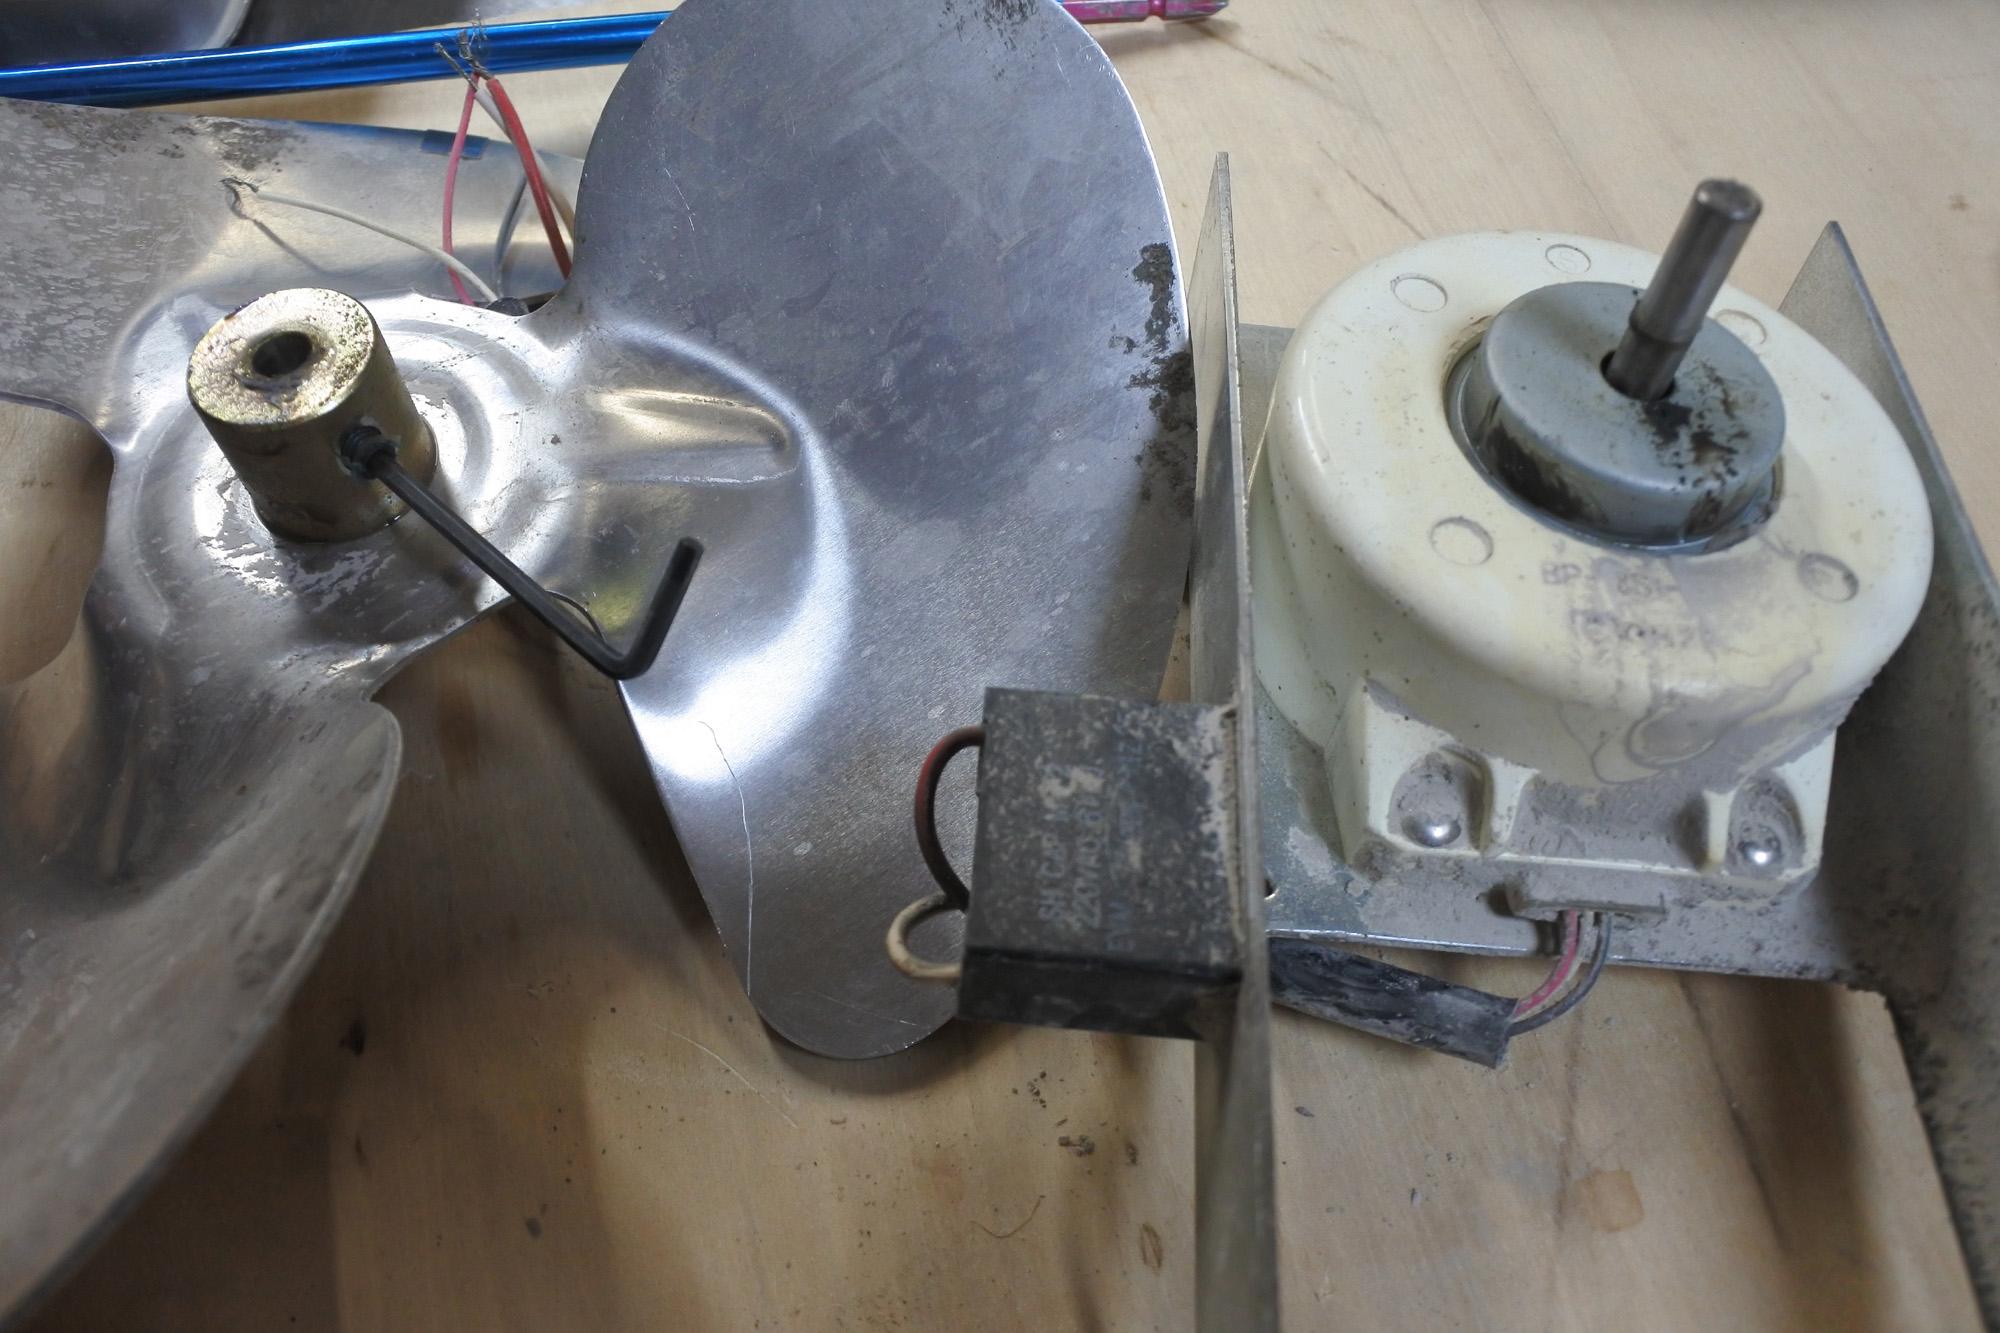 古いホシザキ業務用冷凍庫がうるさい! HF-150S3-ML形 ファンモーター ベアリング品番を確かめる。